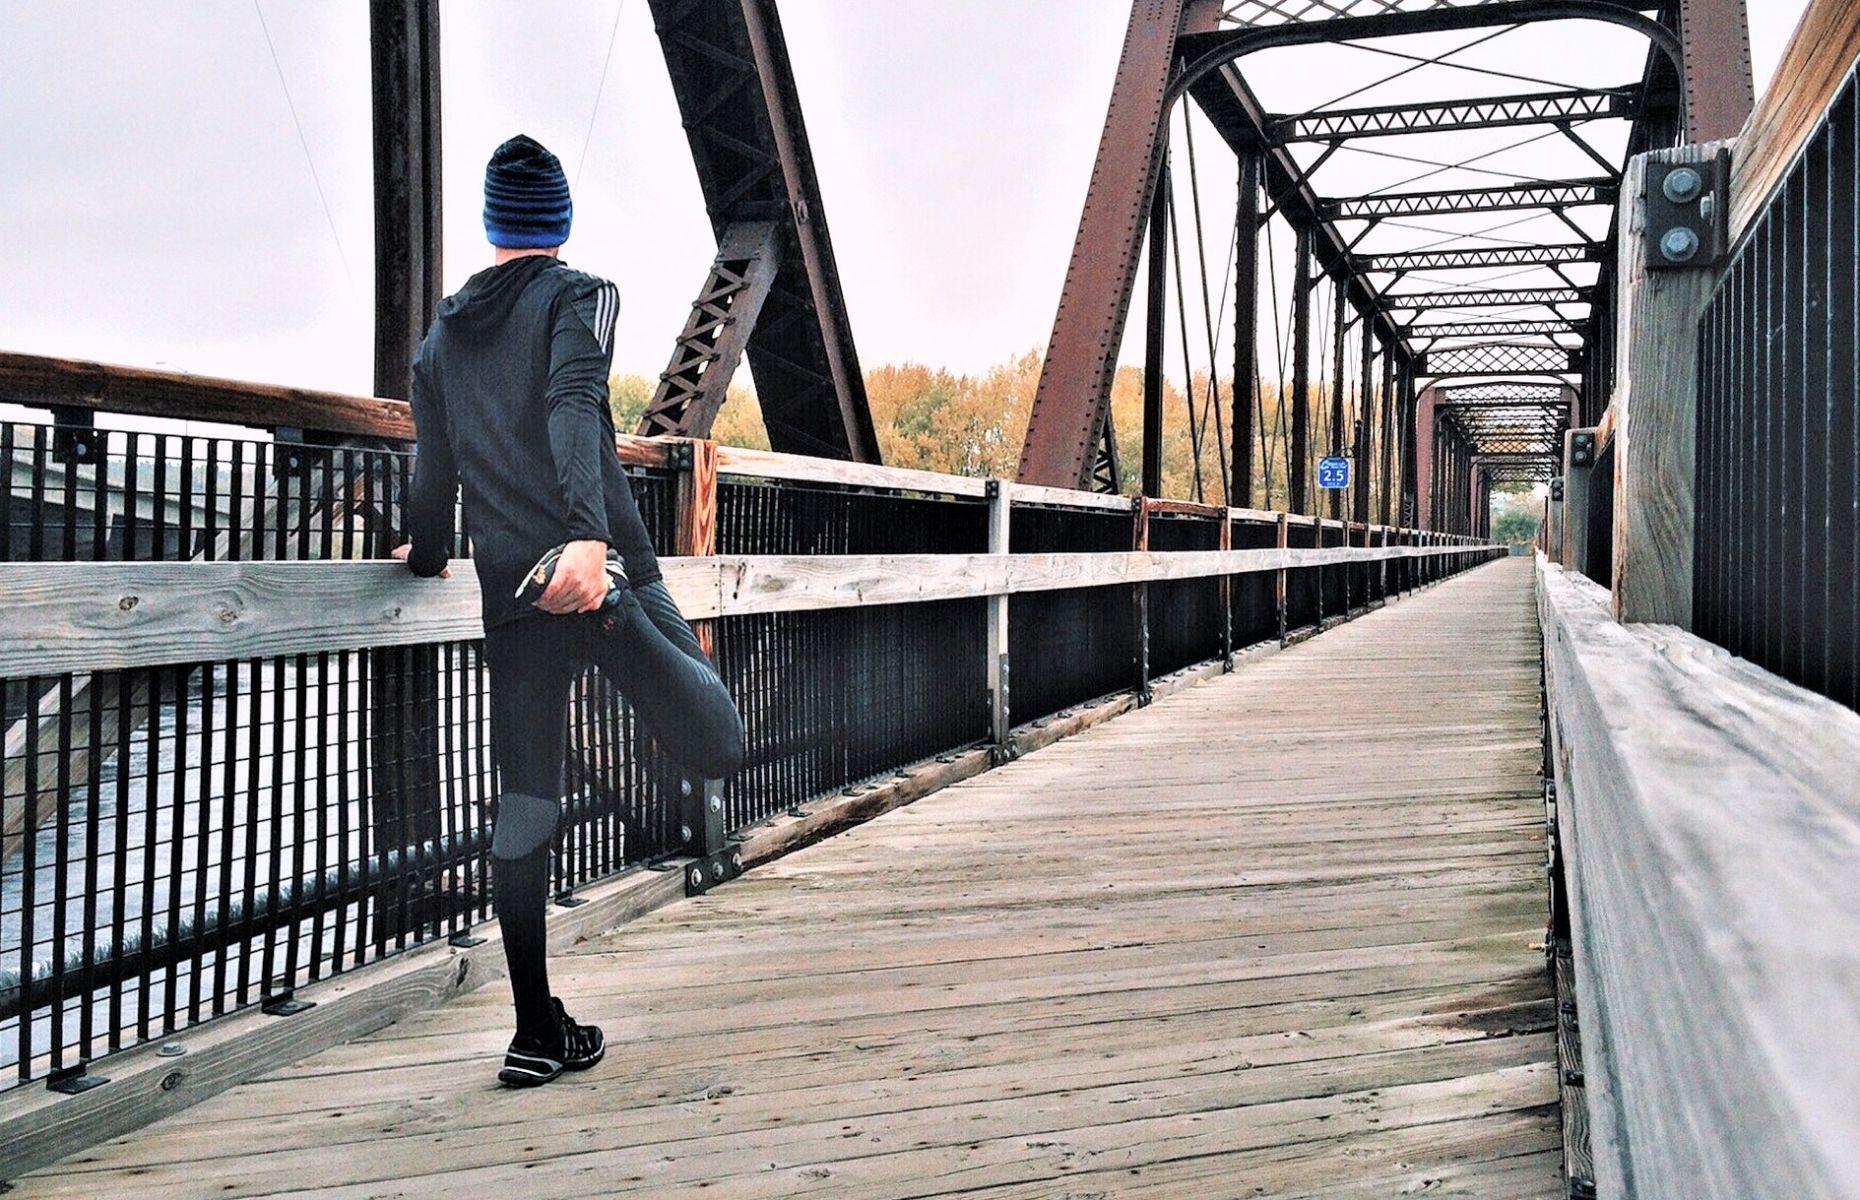 valentino and john asesoramiento masculino 10 tips para estar más atractivo haz ejercicio